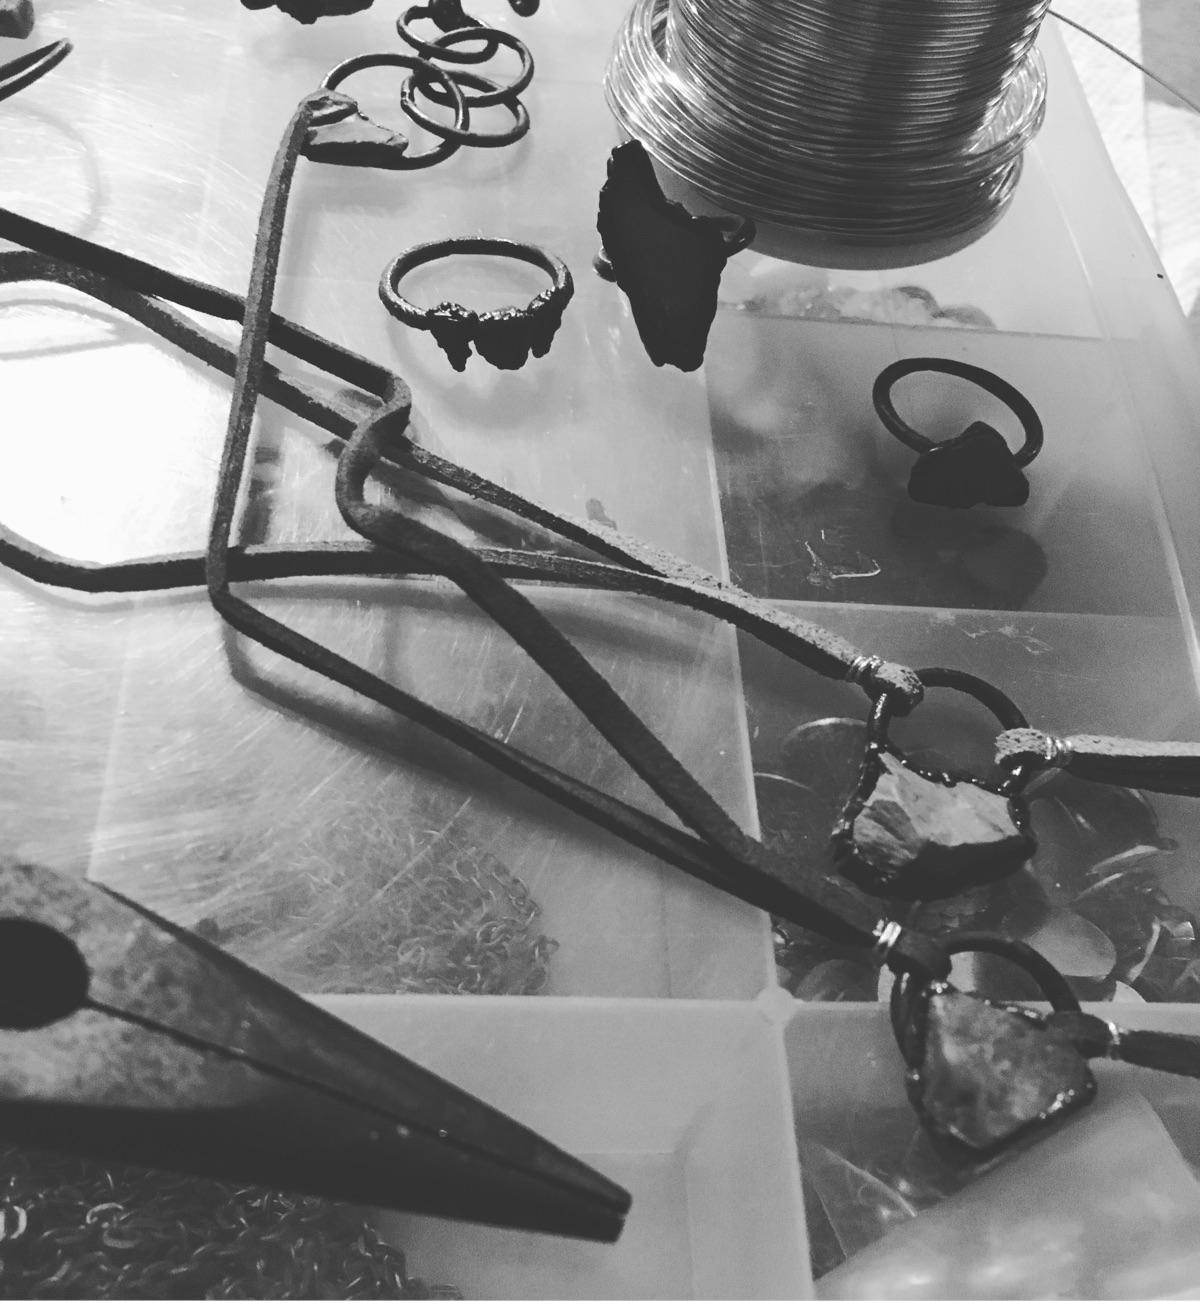 electroforming, jewelry, handmadejewelry - verdigrisdesign | ello